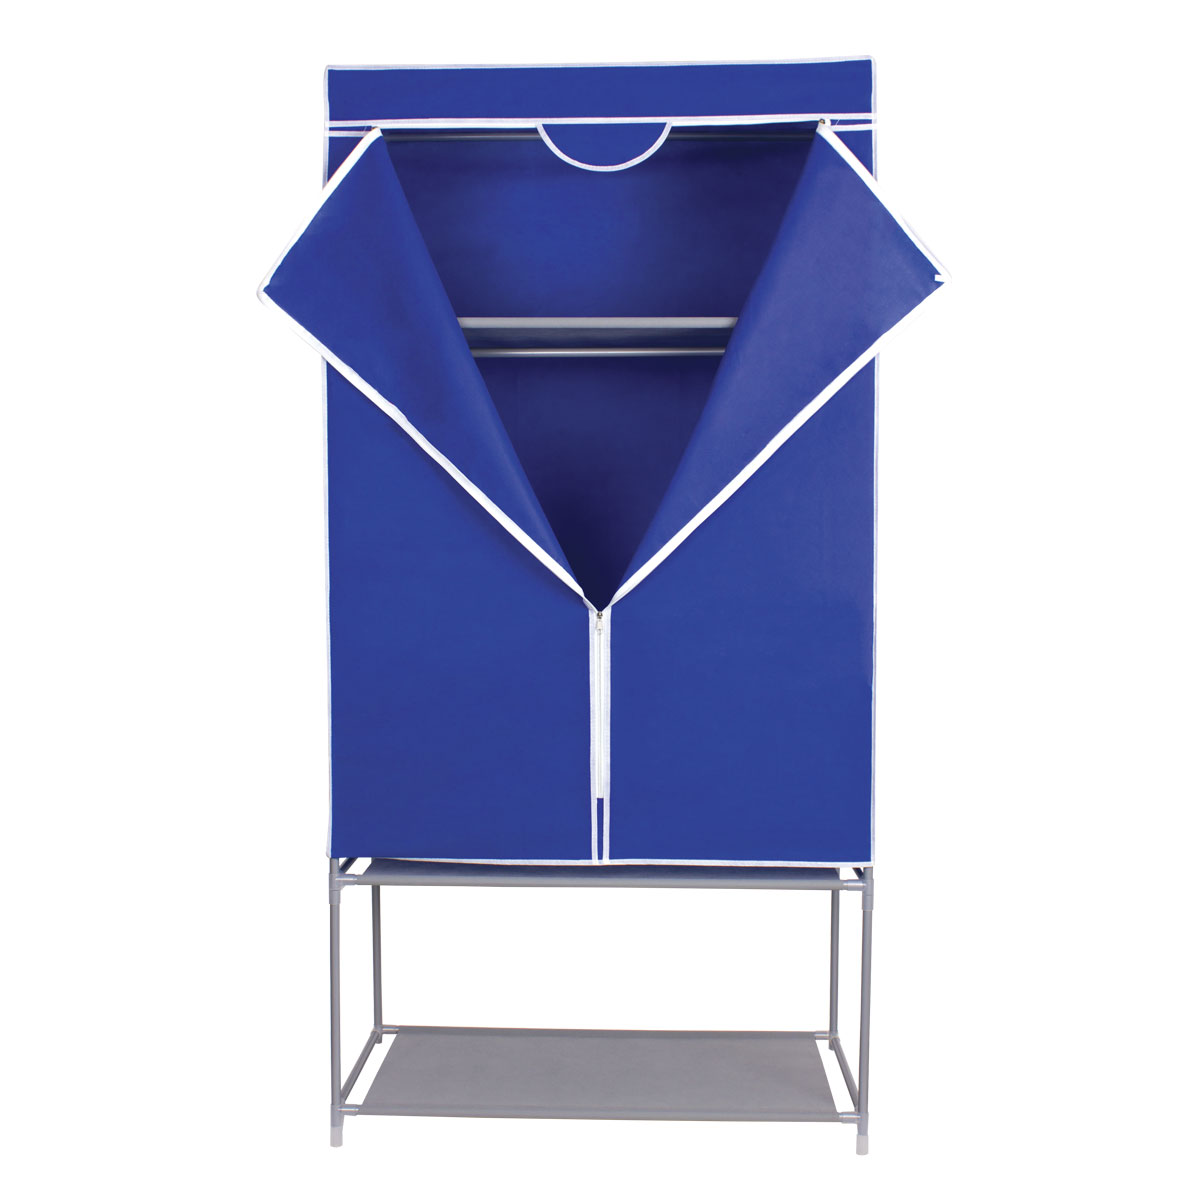 Гардероб для хранения одежды Miolla, цвет: синий, 175 х 87 х 46 см122105Гардероб Miolla - это идеальное решение для хранения одежды, обуви и аксессуаров. Само изделие выполнено из нетканого материала, а каркас - из прочного металла, благодаря чему изделие не деформируется и отлично сохраняет форму. Гардероб имеет перекладину, верхнюю полку и полку для обуви. Такой гардероб поможет с легкостью организовать пространство в шкафу или гардеробе.